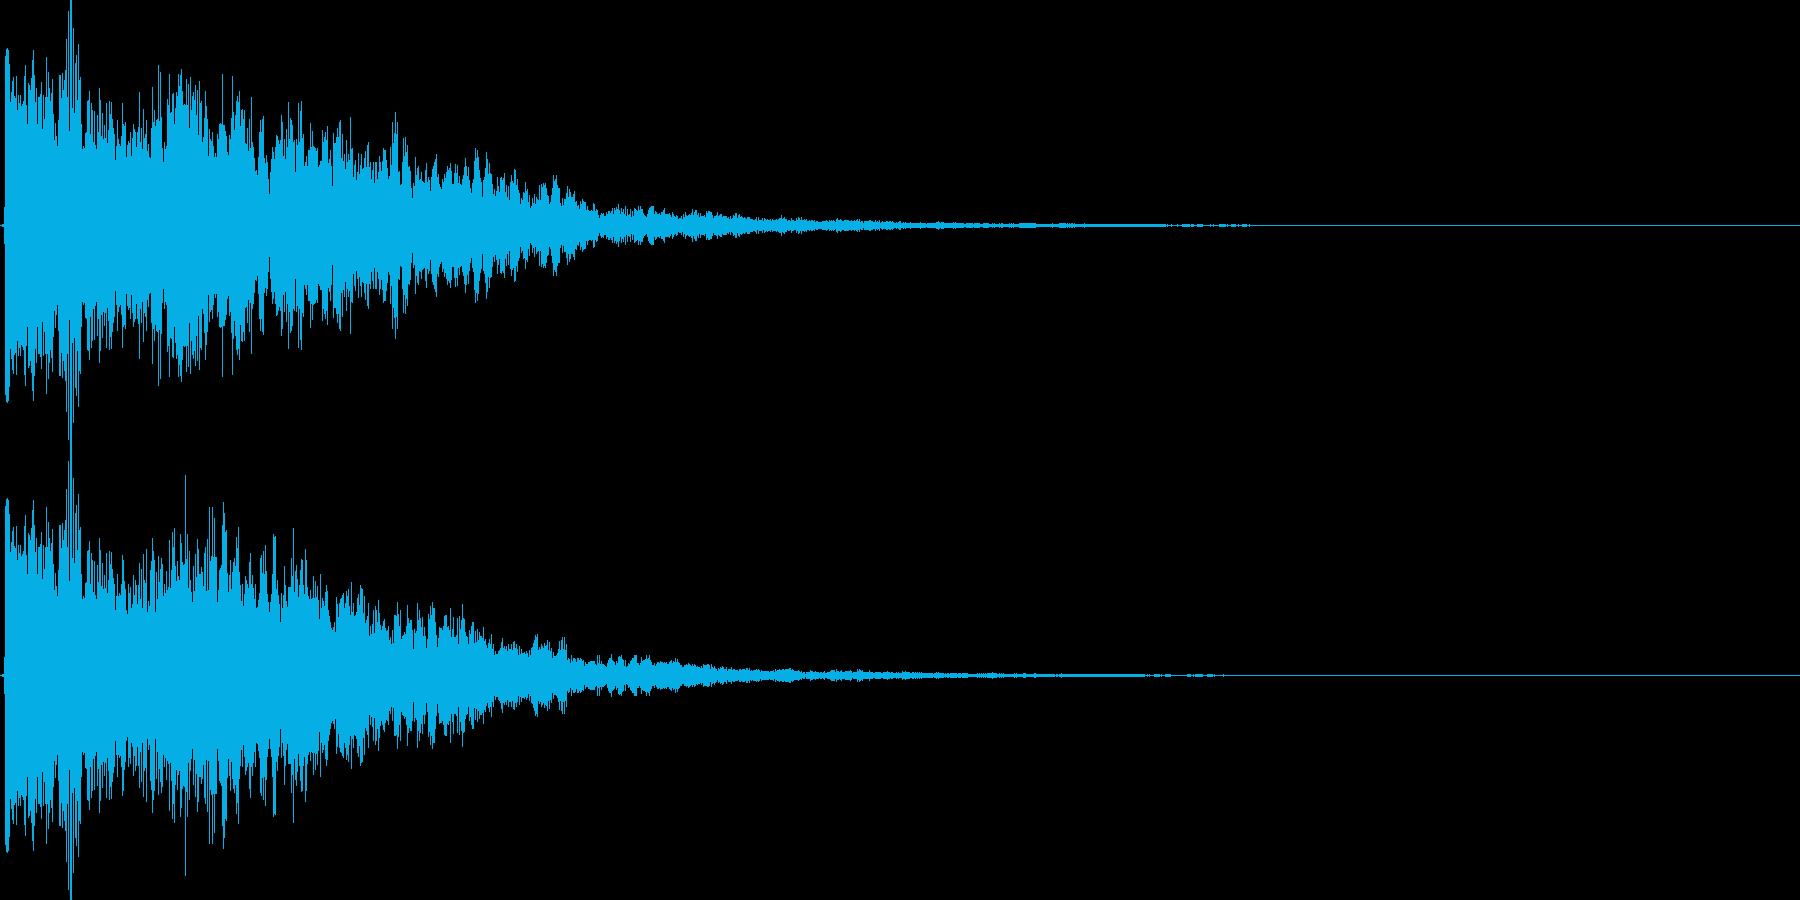 カラーン(鐘、ゲーム、アプリ、起動音等)の再生済みの波形